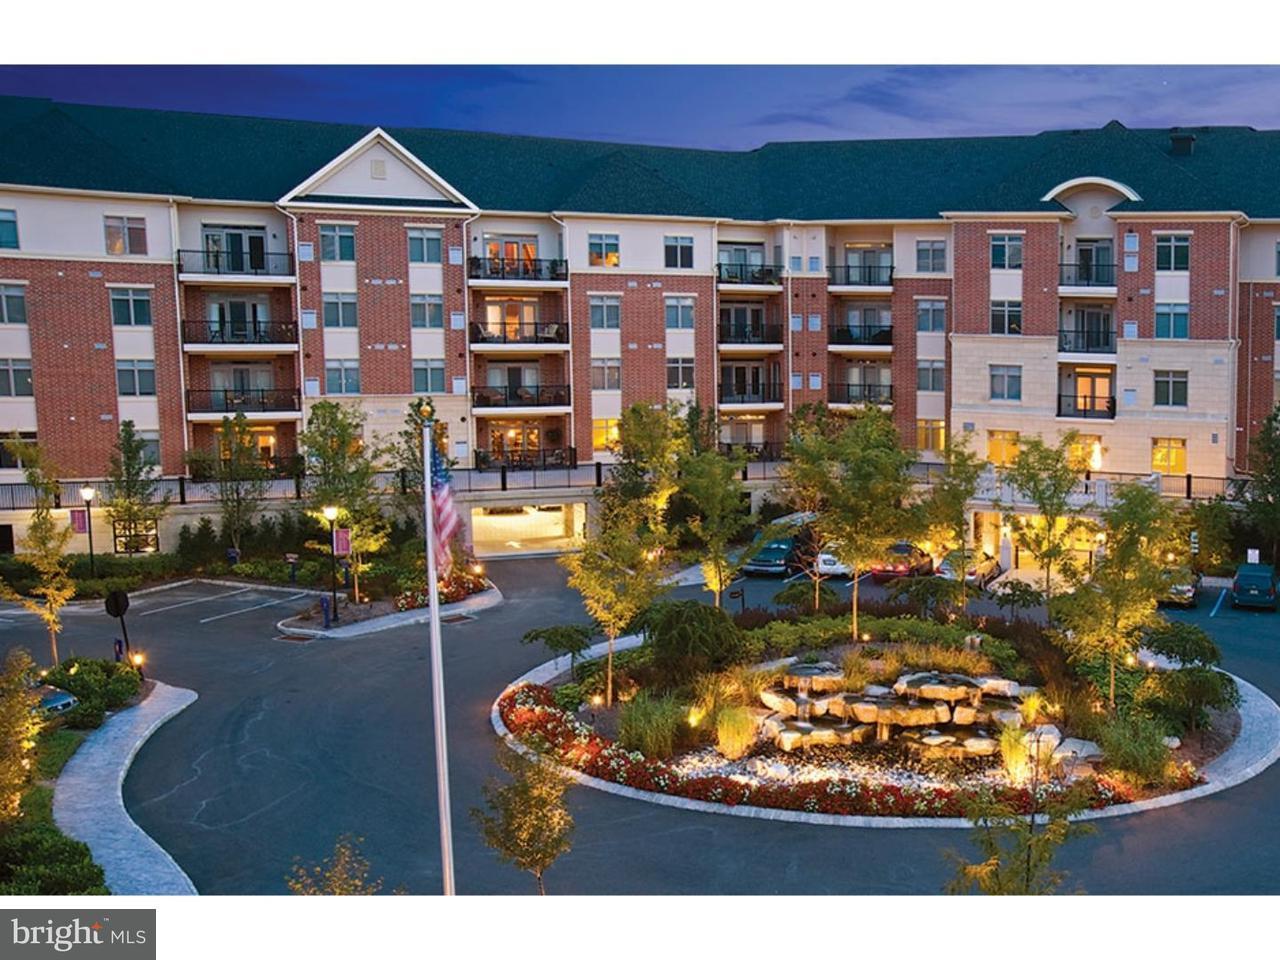 独户住宅 为 出租 在 214 CARSON TER 亨廷顿谷, 宾夕法尼亚州 19006 美国